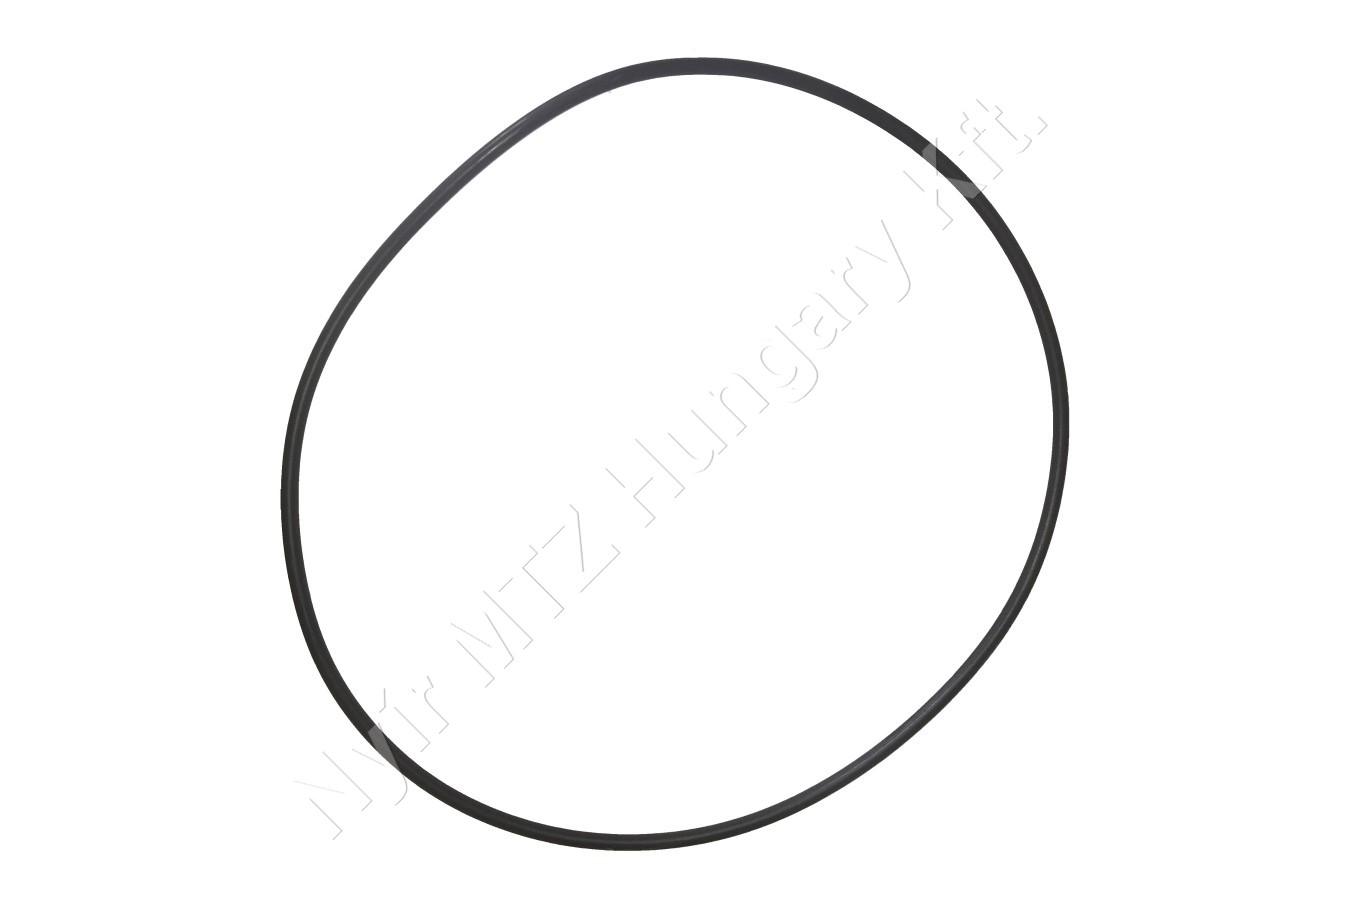 Gumigyűrű 285x5.8 reduktorház fedél